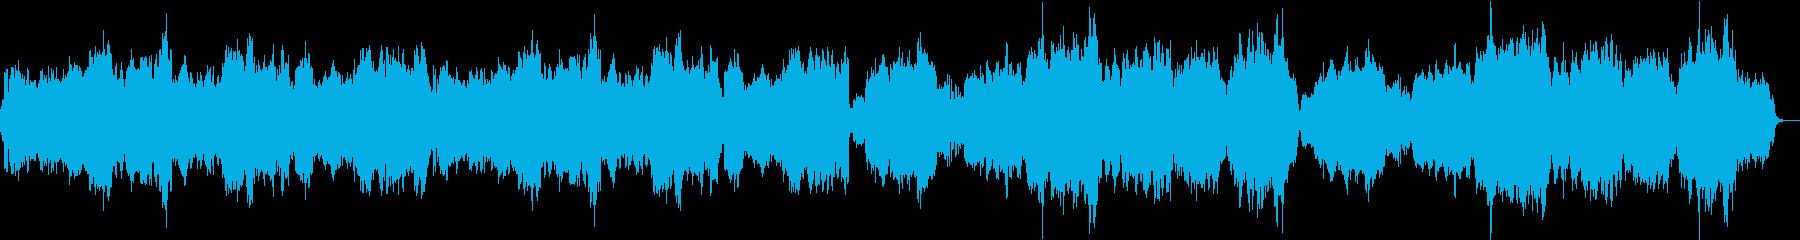 穏やかな癒し系の曲。クラシック。の再生済みの波形